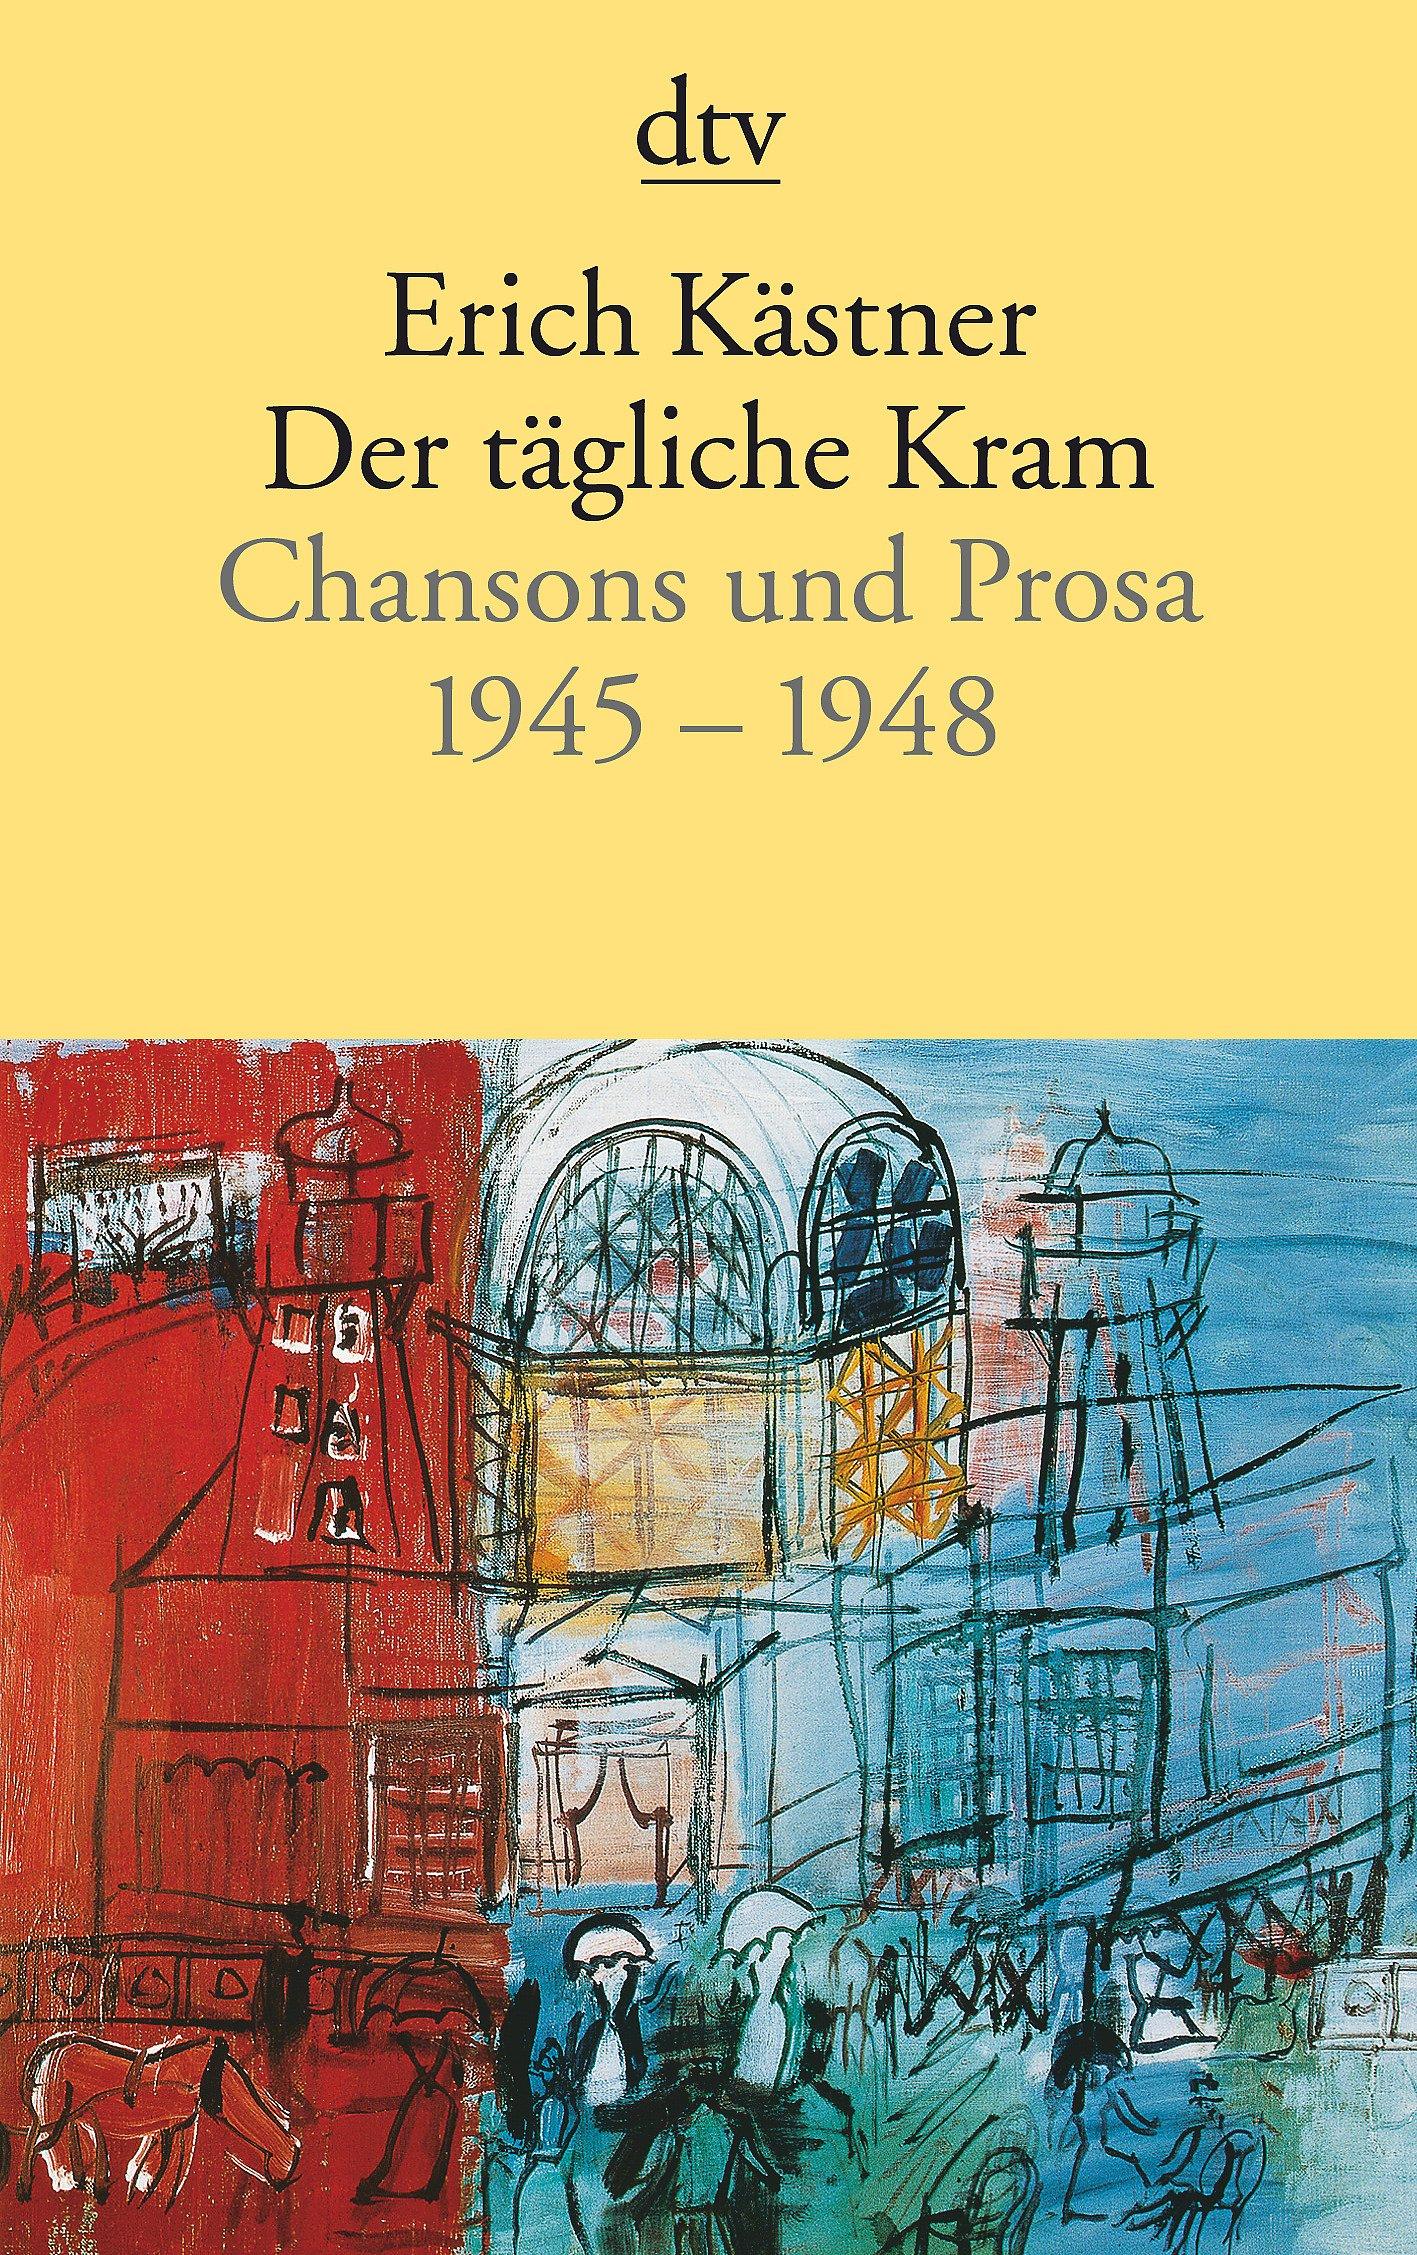 Der tägliche Kram: Chansons und Prosa 1945-1948